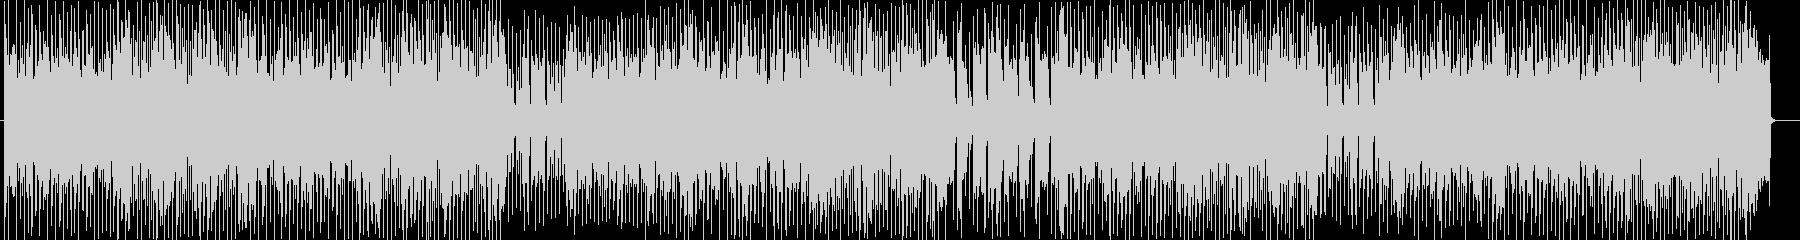 バトルゲームBGMテクノ風サウンドの未再生の波形